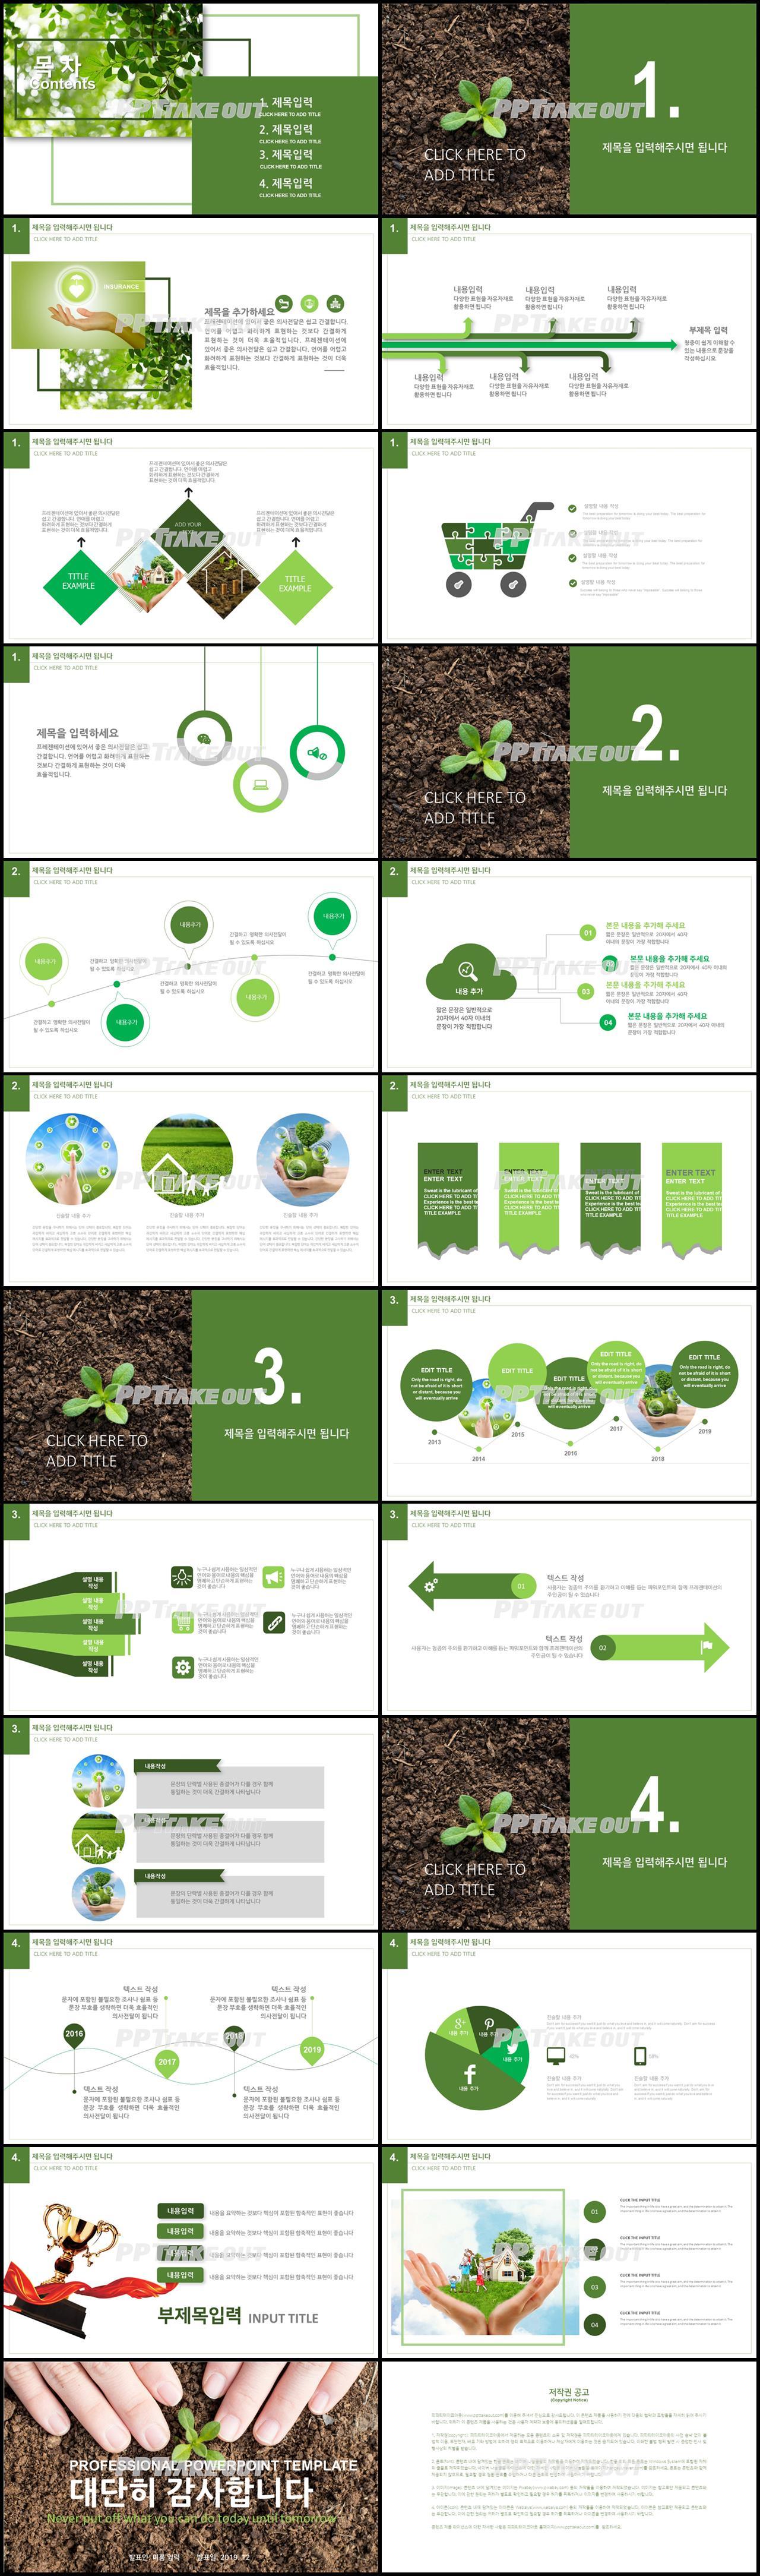 동식물, 애완동물 초록색 예쁜 멋진 피피티템플릿 다운로드 상세보기